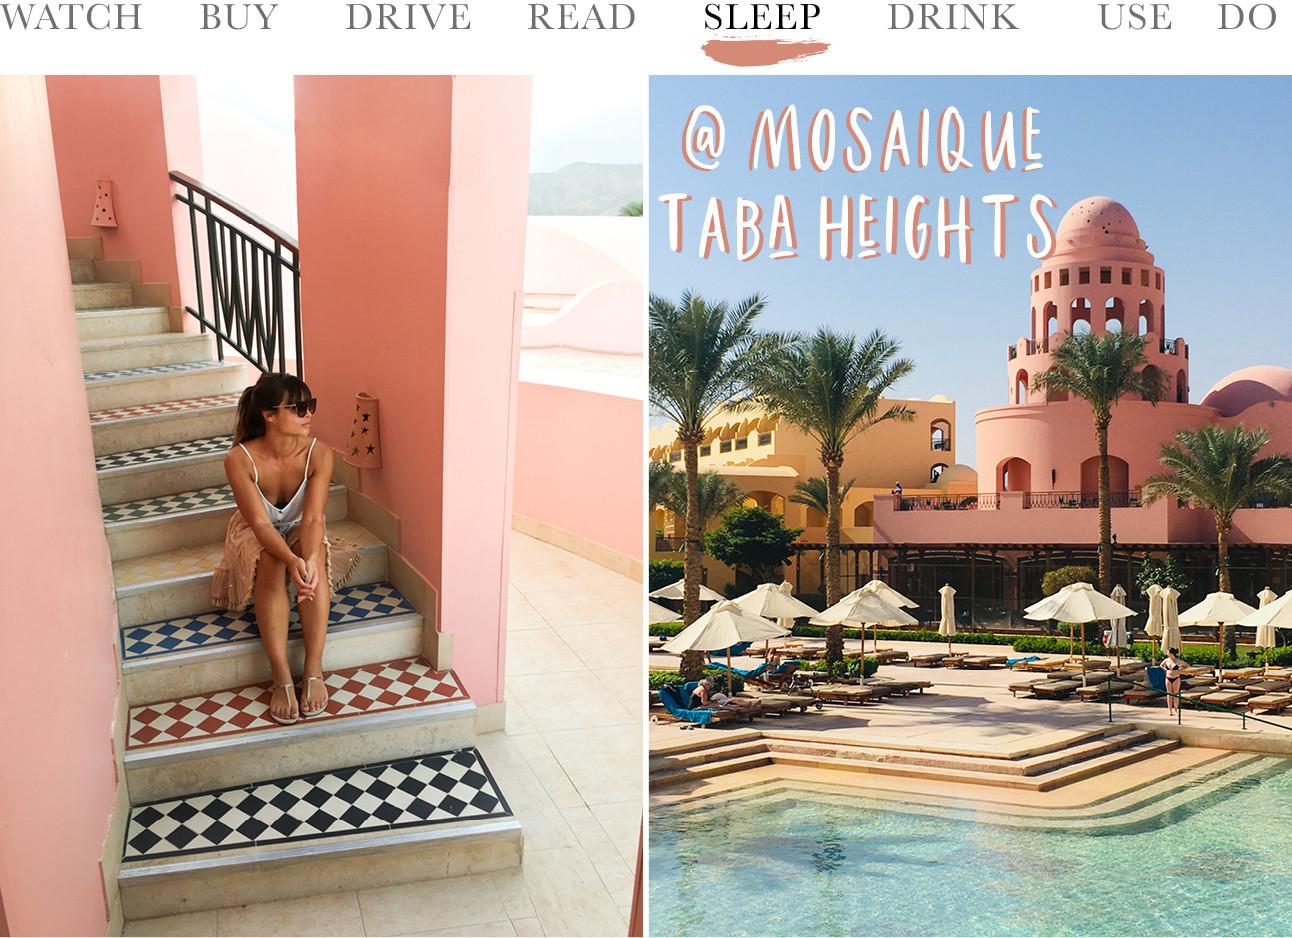 beelden van het Mosaique Beach Resort Taba Heights hotel met kiki